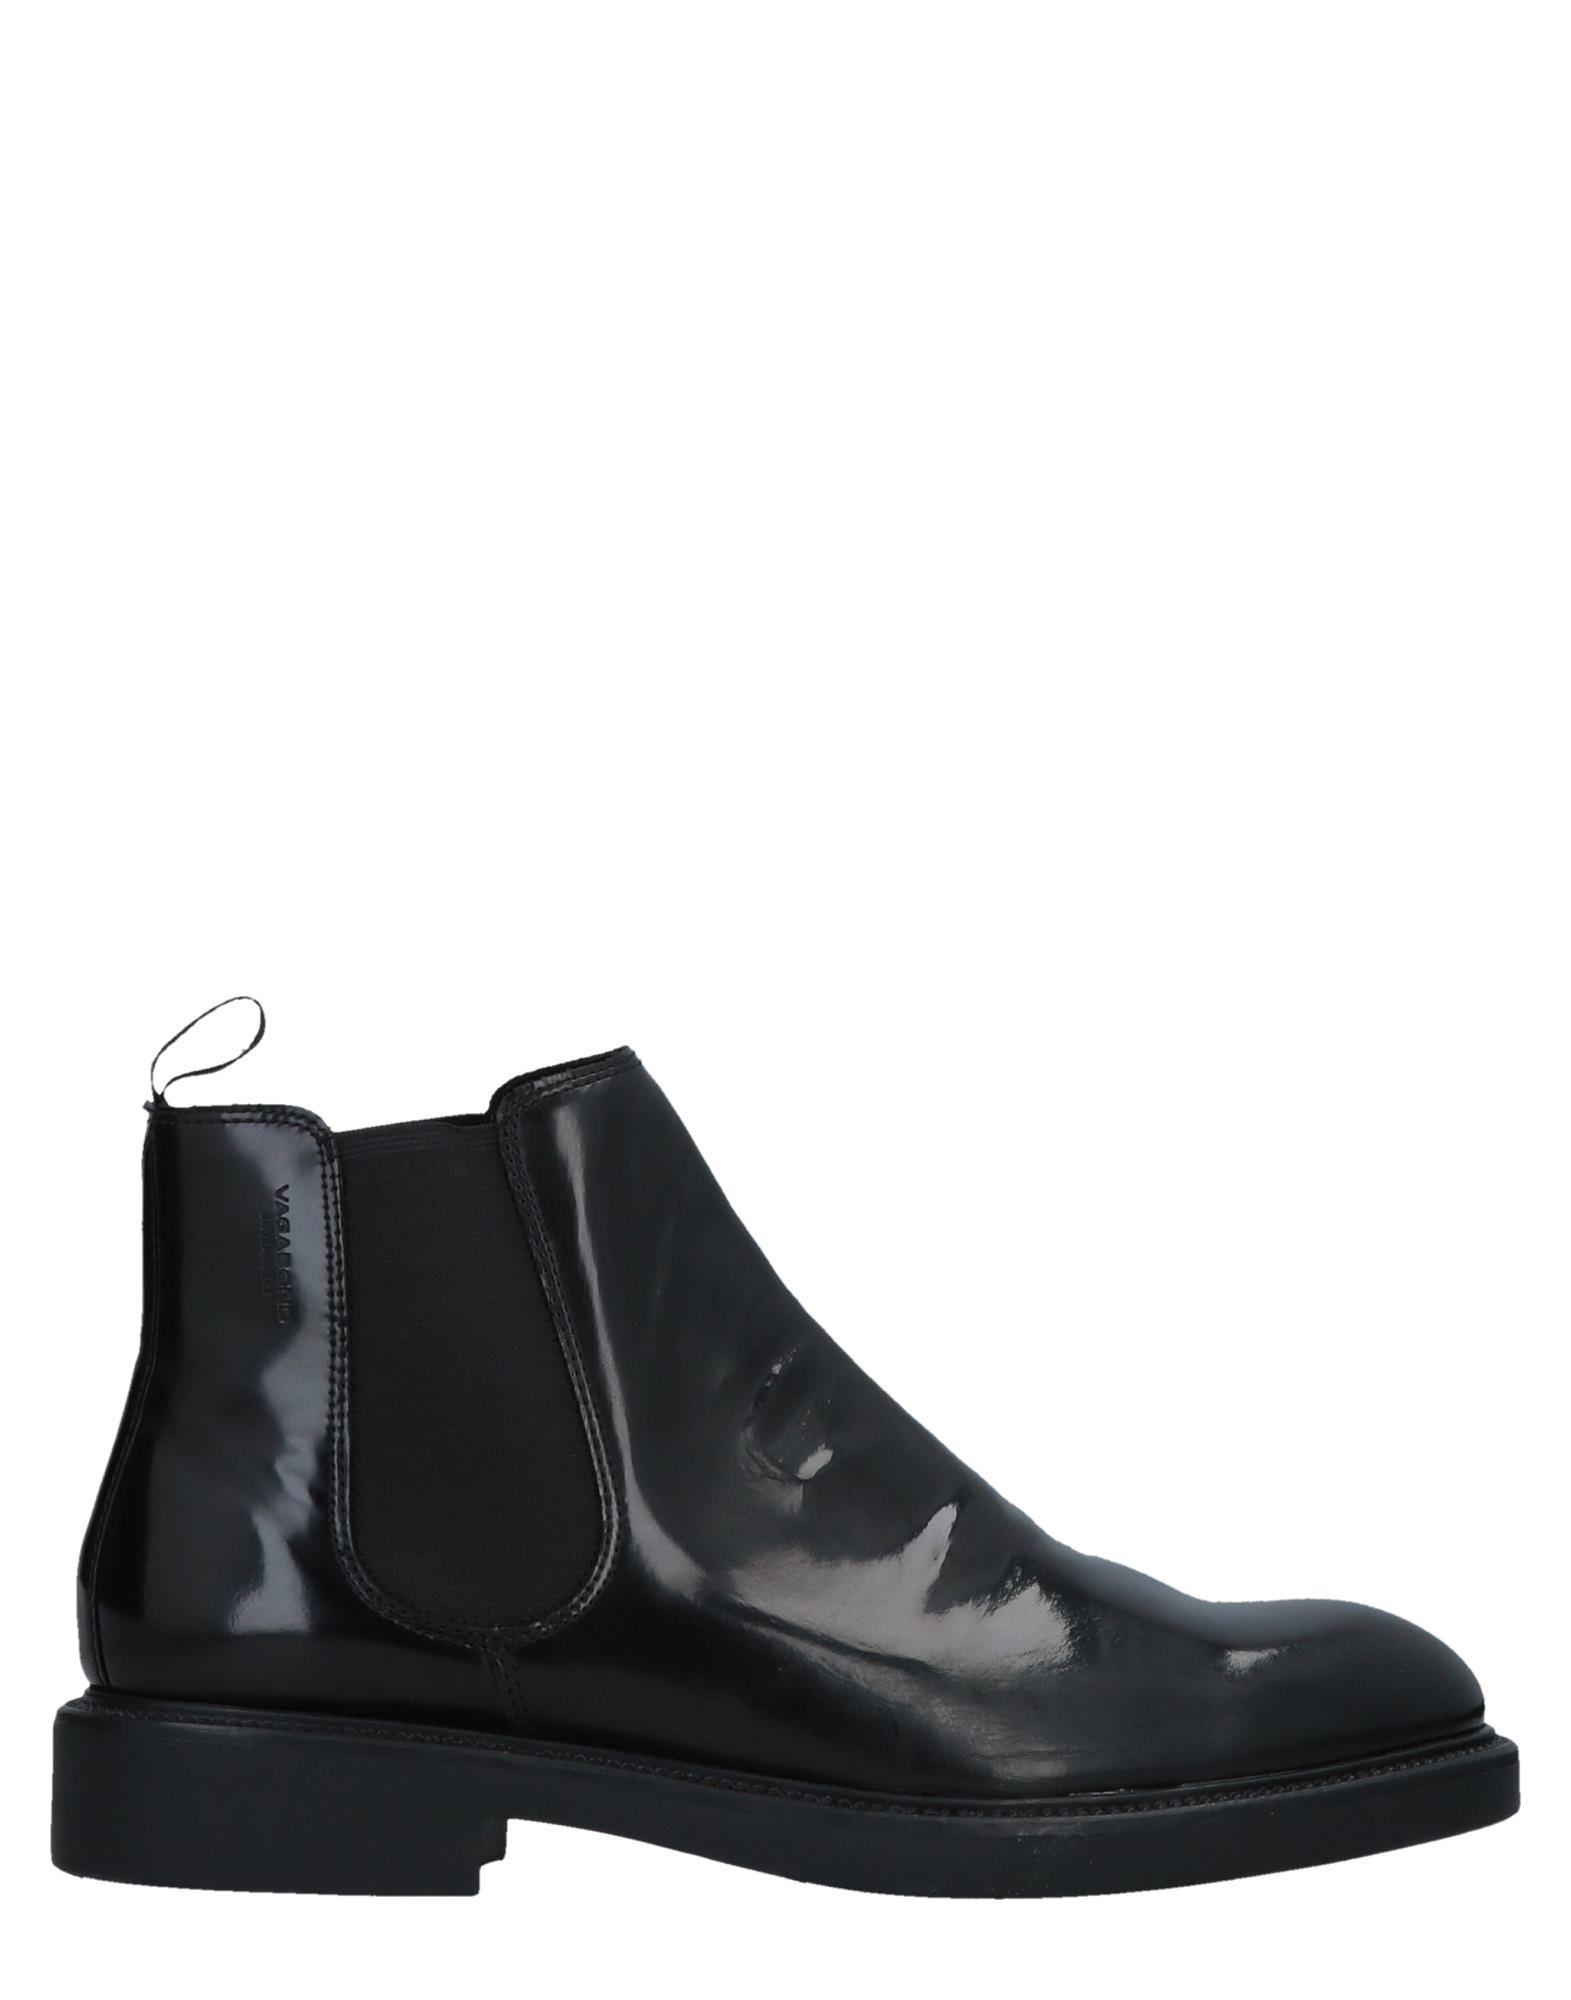 Rabatt echte Schuhe Vagabond Shoemakers Stiefelette Herren  11512964DJ